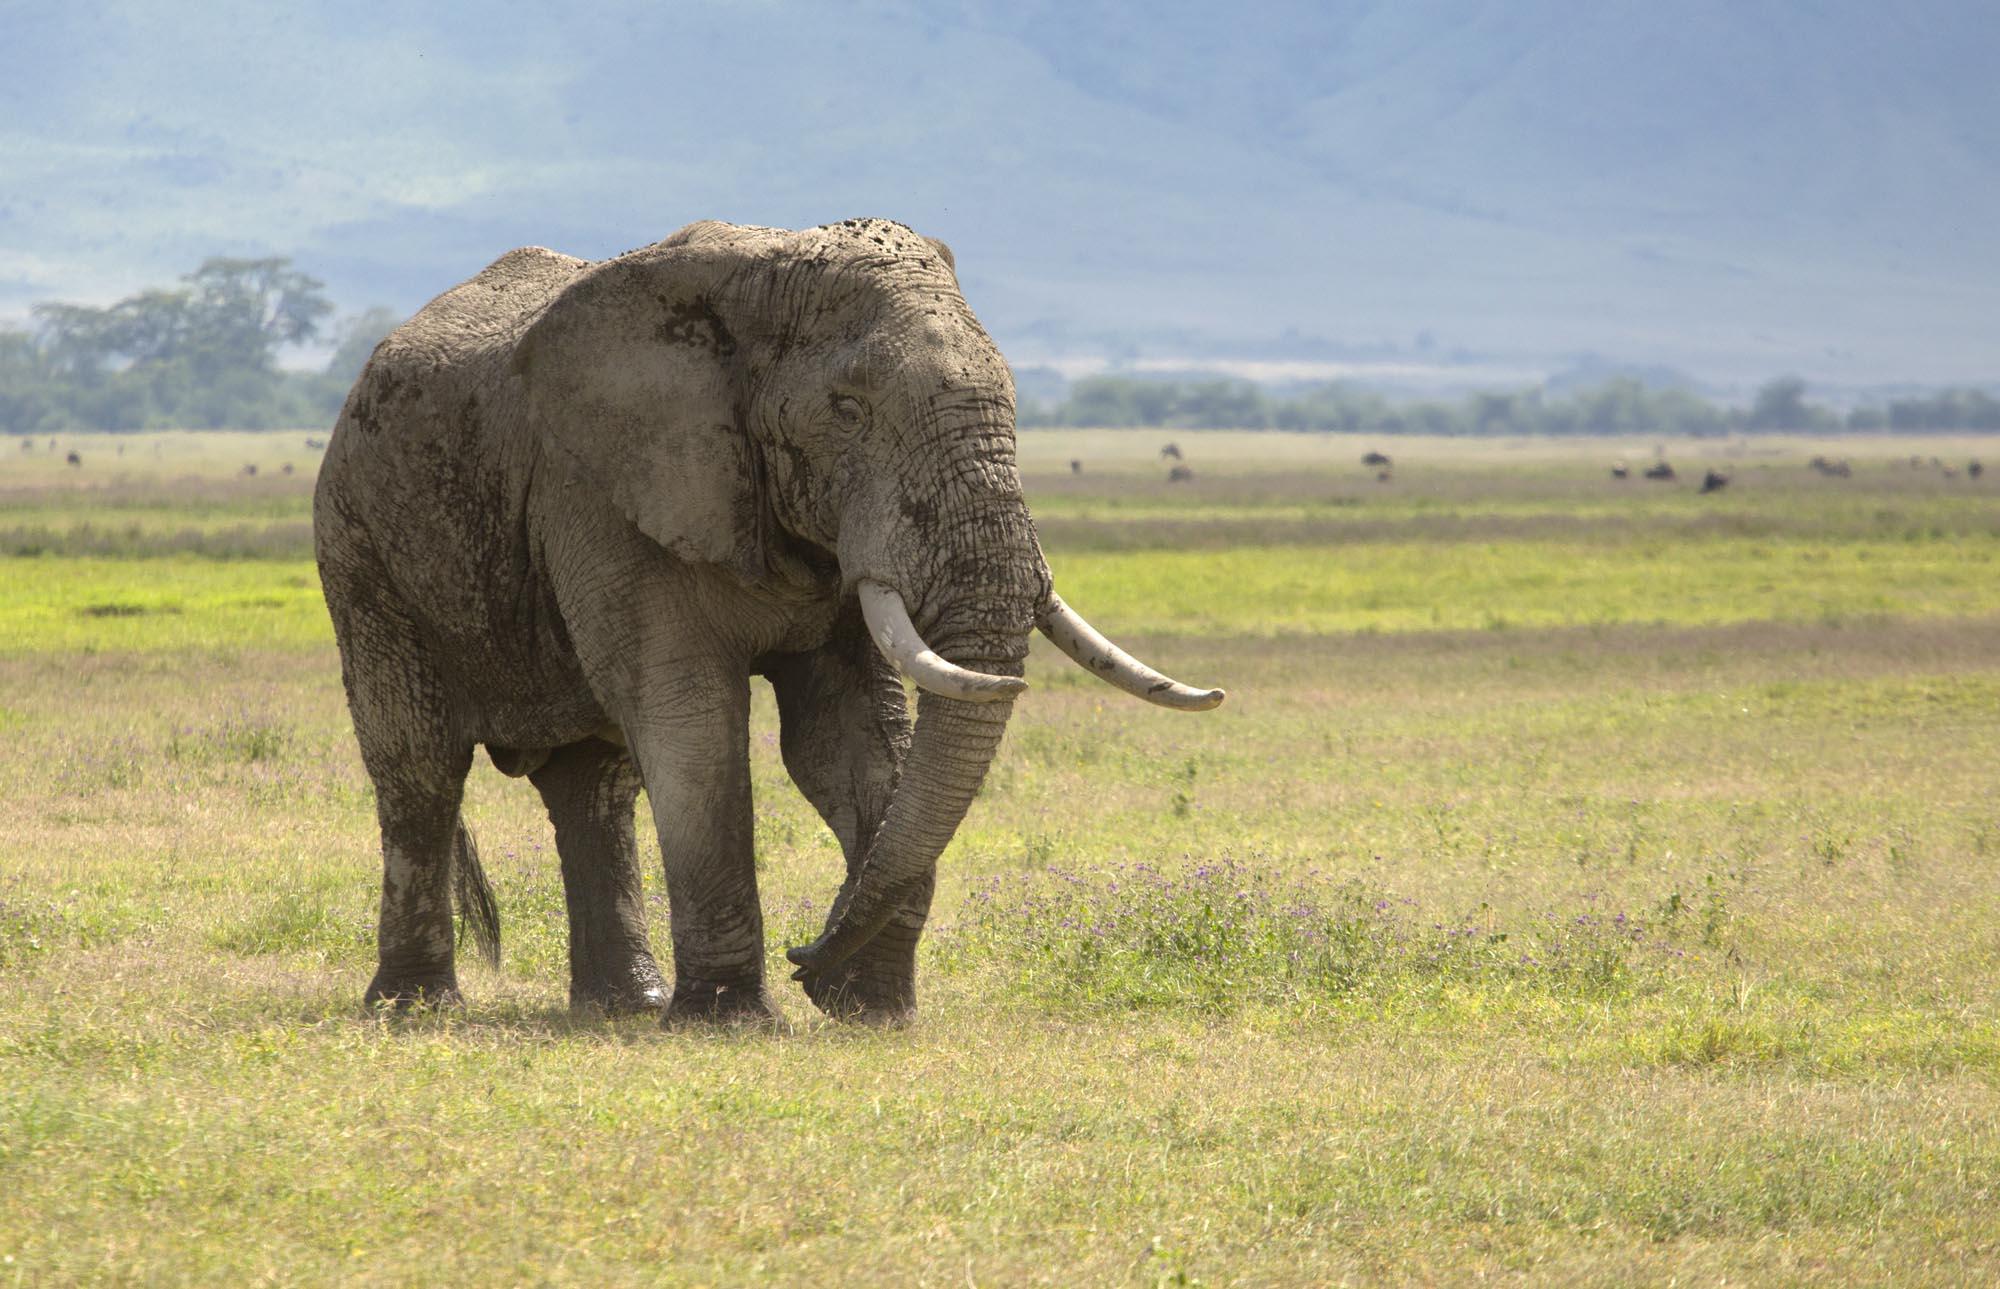 Ved højsletterne i Tanzania er klimaet tropisk